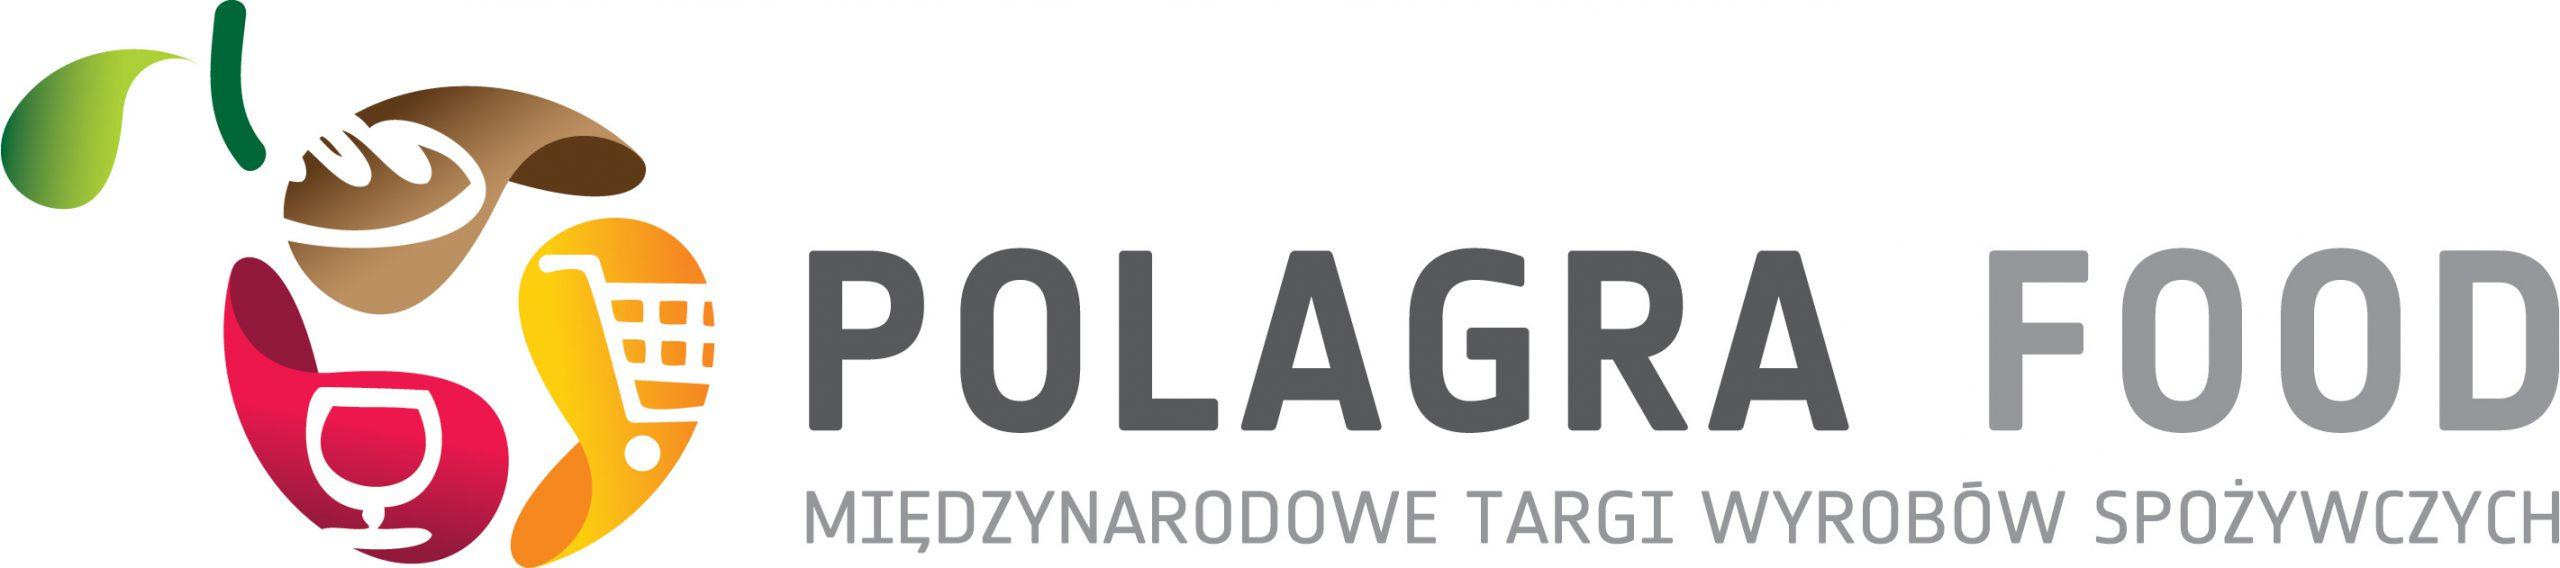 Polagra Food 2014